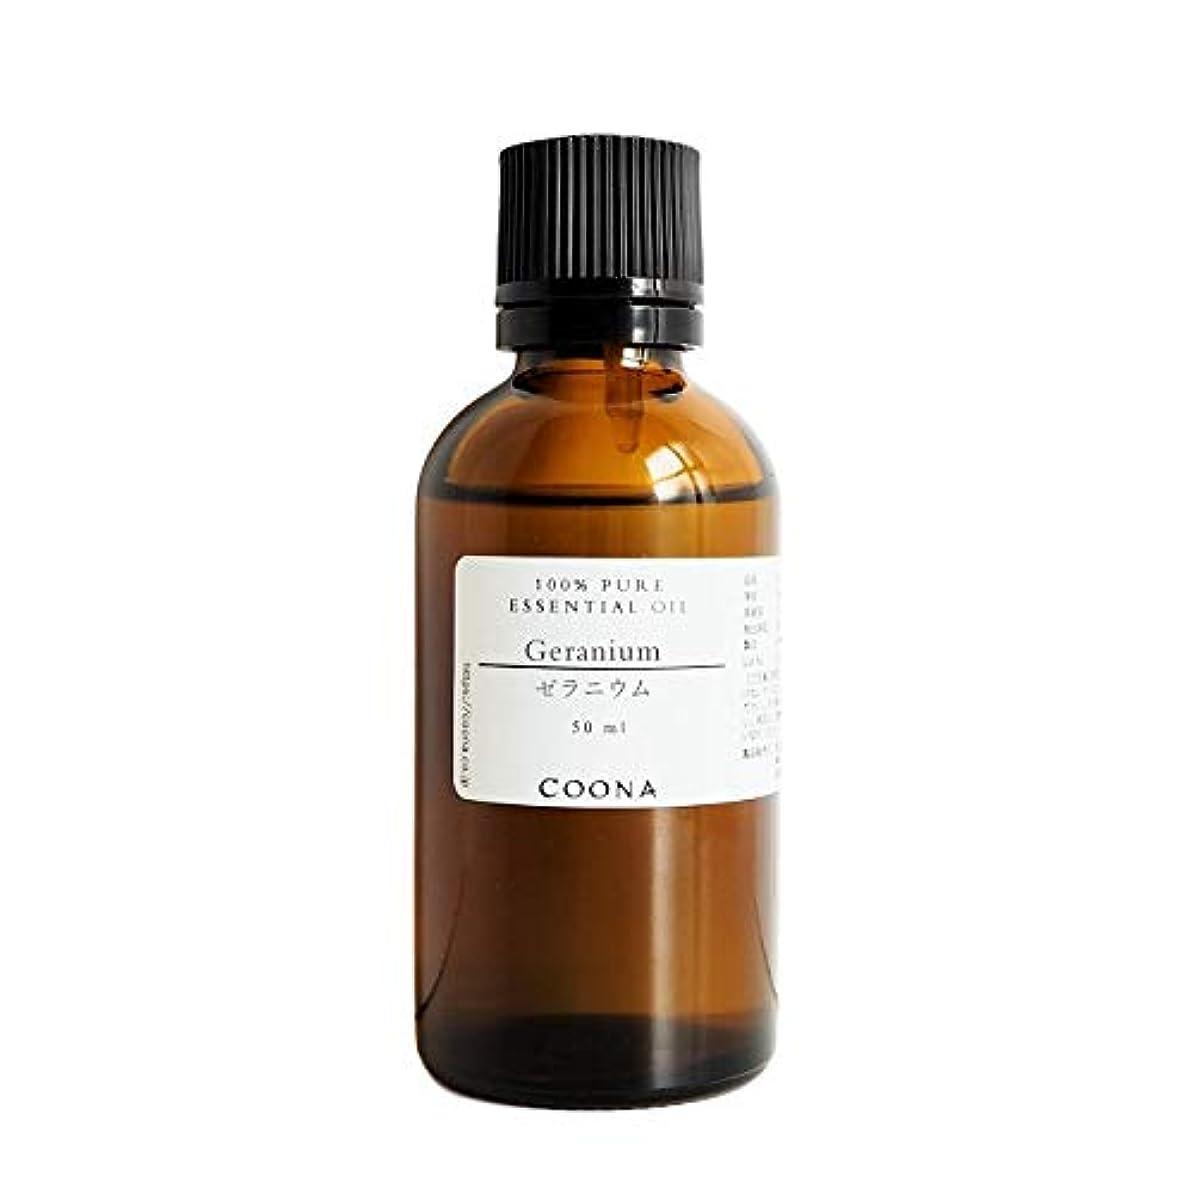 日付緊張するかみそりゼラニウム 50 ml (COONA エッセンシャルオイル アロマオイル 100%天然植物精油)